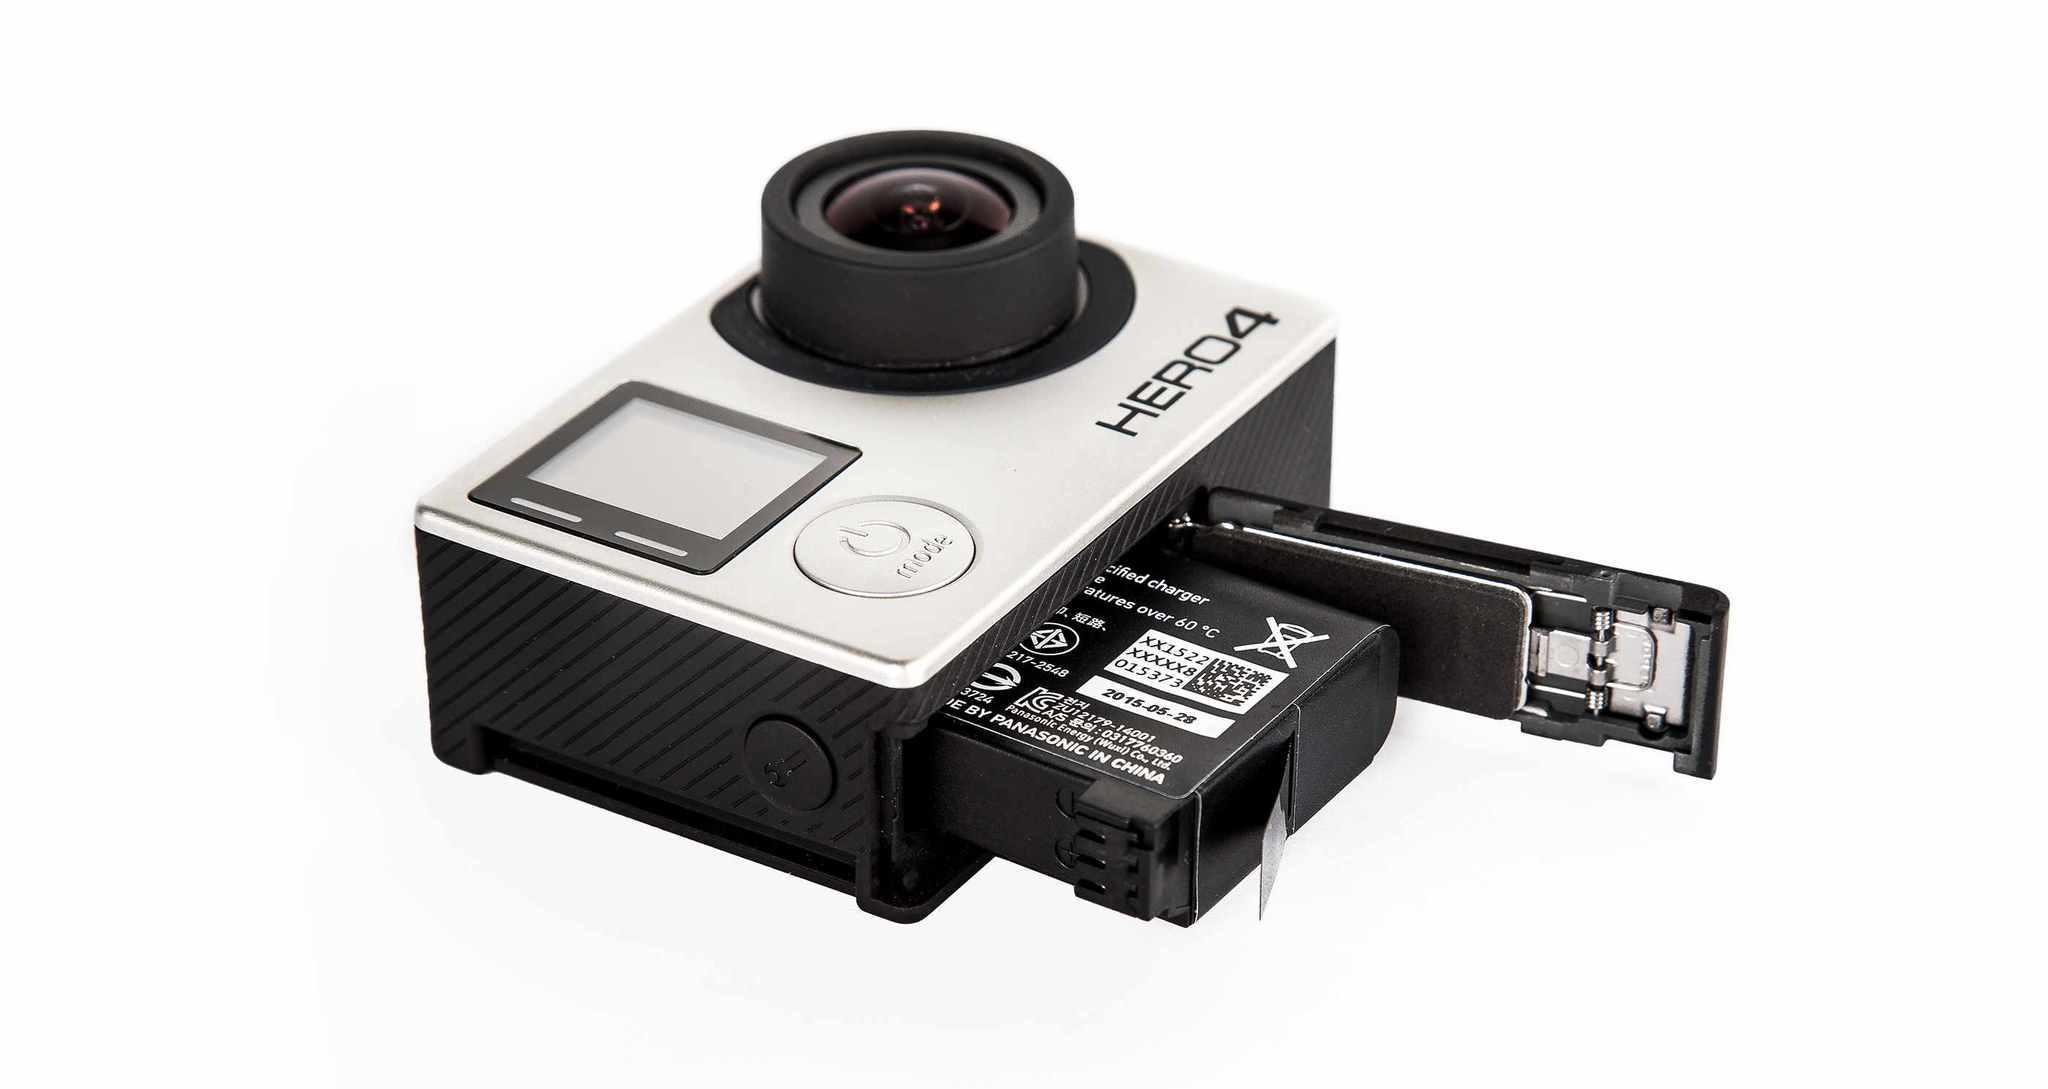 Литий-ионный аккумулятор для камеры GoPro Rechargeable Battery (HERO4) (без упаковки) в камере